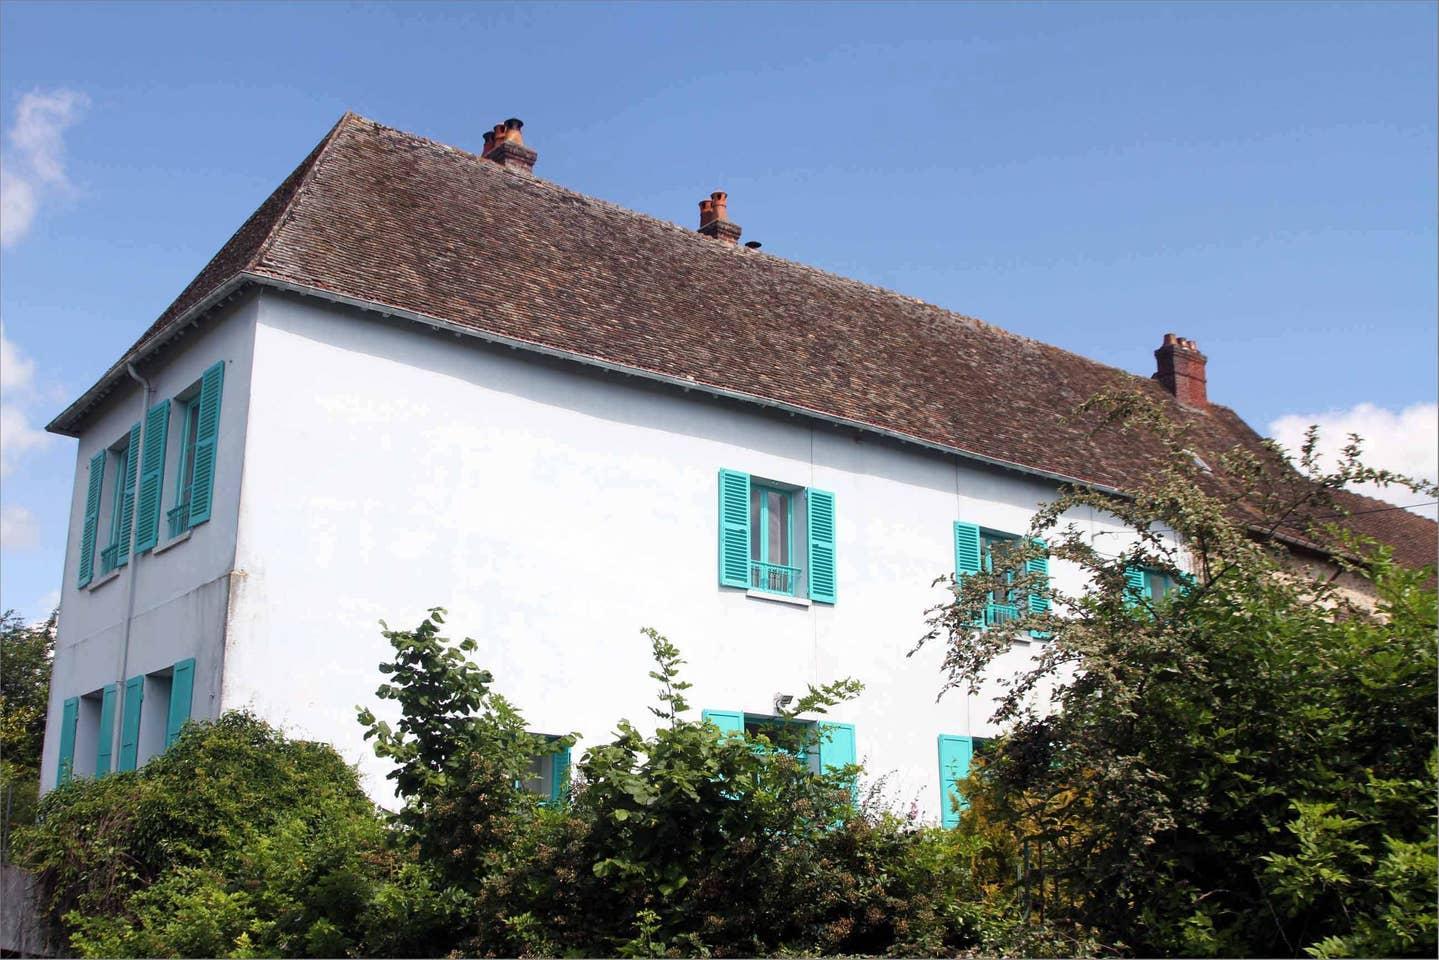 La casa di Monet diventa un bed and breakfast: il sogno di vivere tra le ninfee ispiratrici diventa realtà